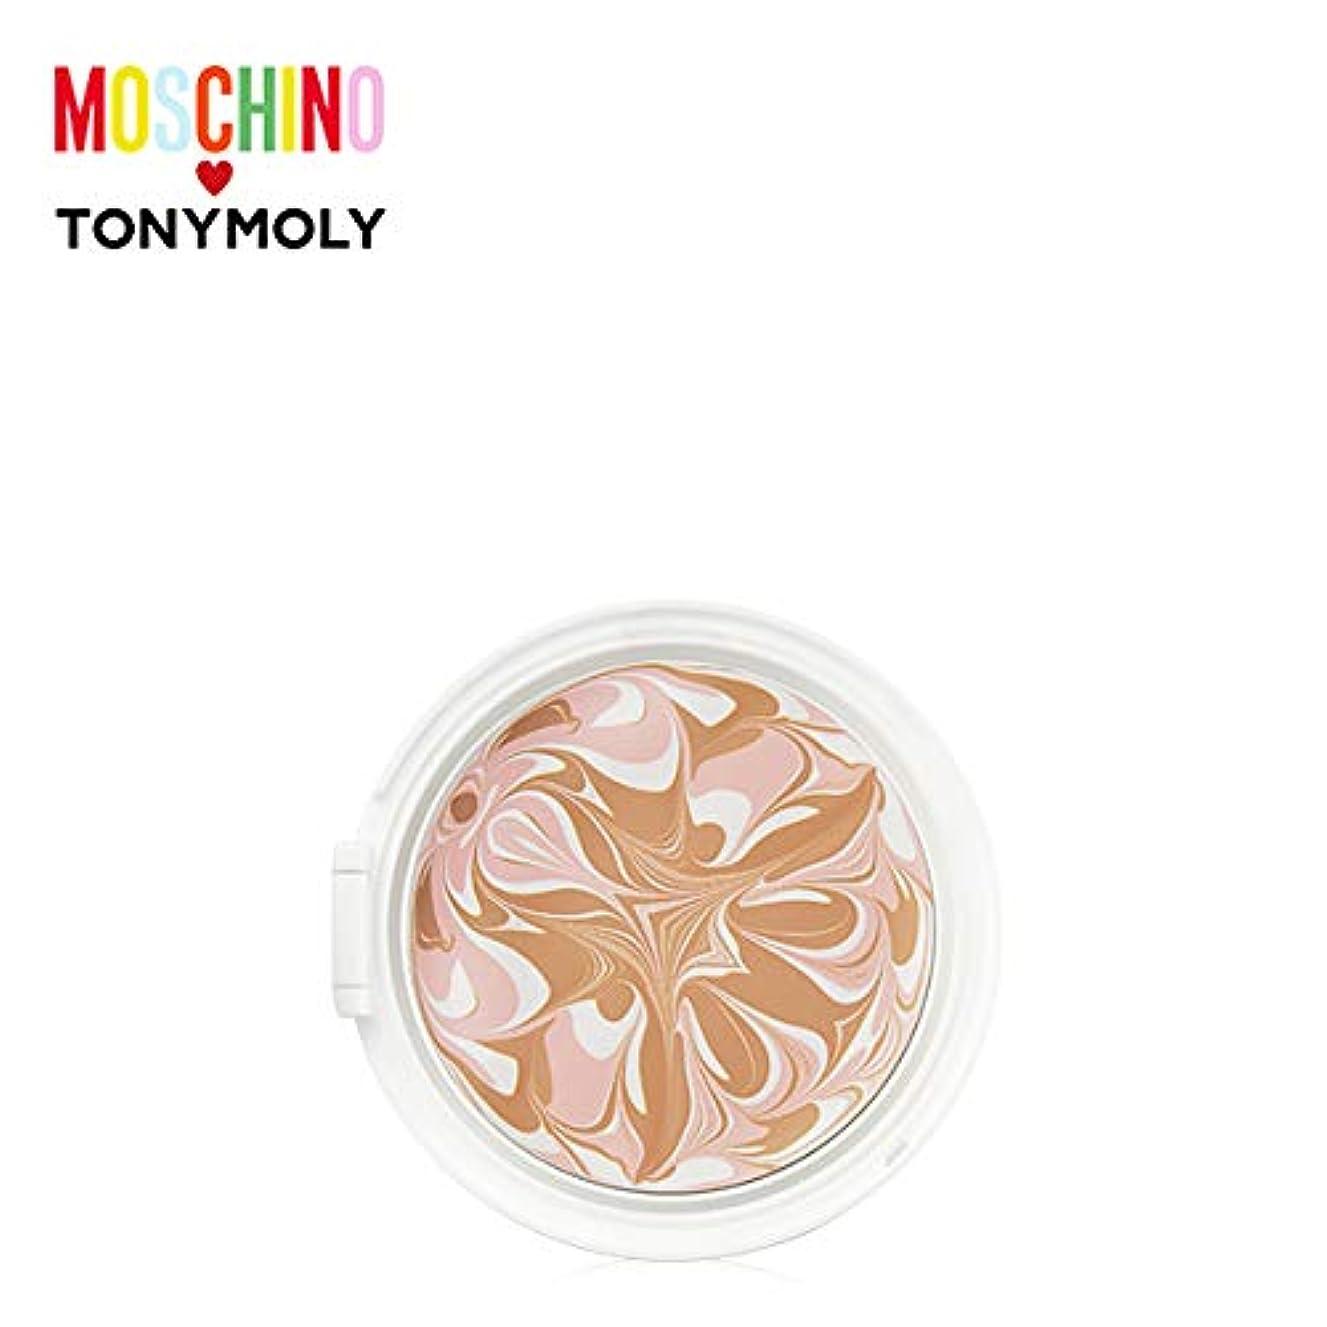 ブーム発明ラリーベルモントTONYMOLY [MOSCHINO] Chic Skin Essence Pact -Refill #01 CHIC VANILLA トニーモリー [モスキーノ] シック スキン エッセンス パクト -リフィル [詰め...